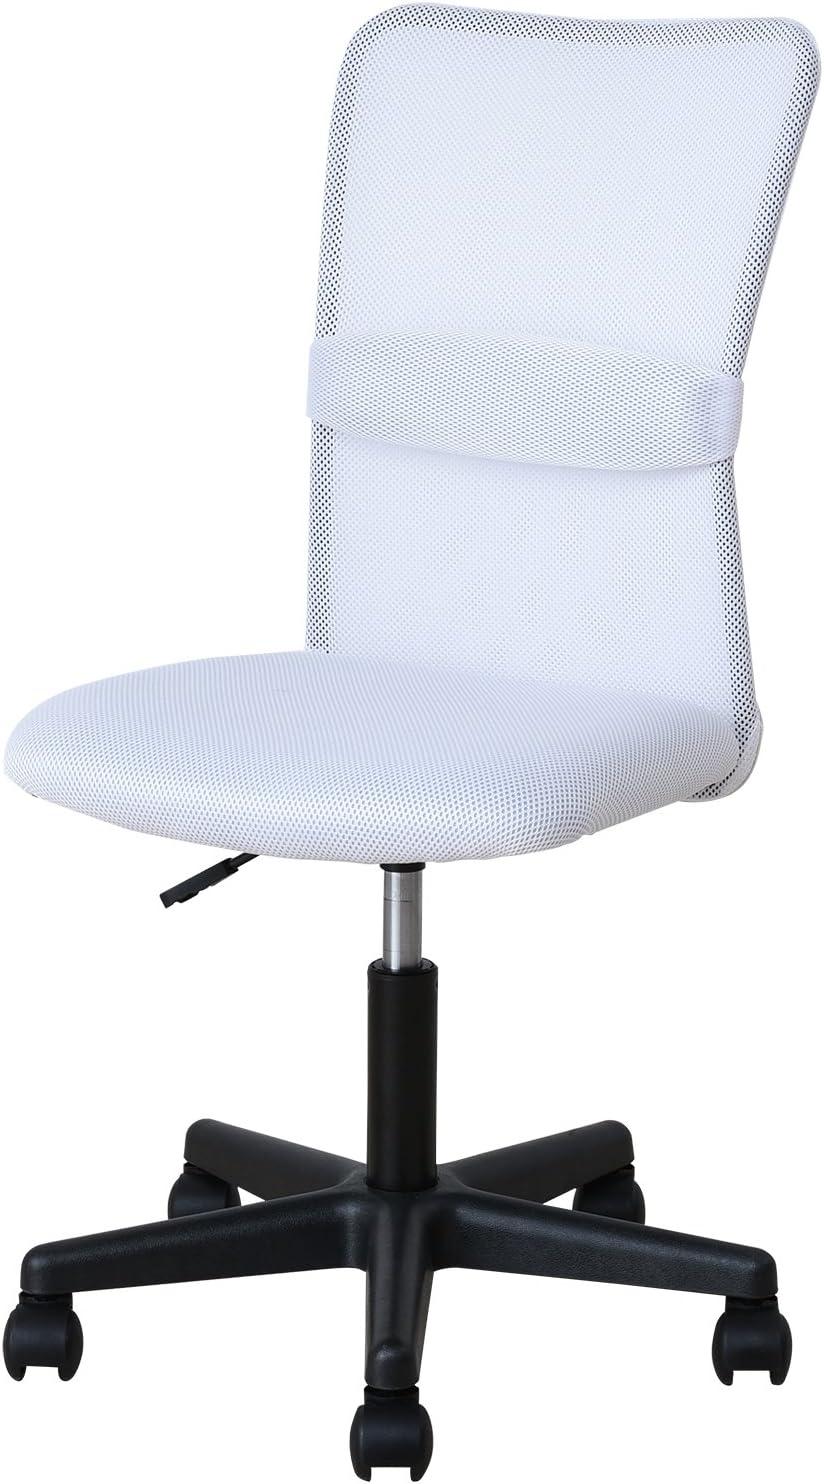 山善,オフィスチェア,メッシュ生地,白の椅子,ランバーサポート,綺麗な椅子,白,白の家具